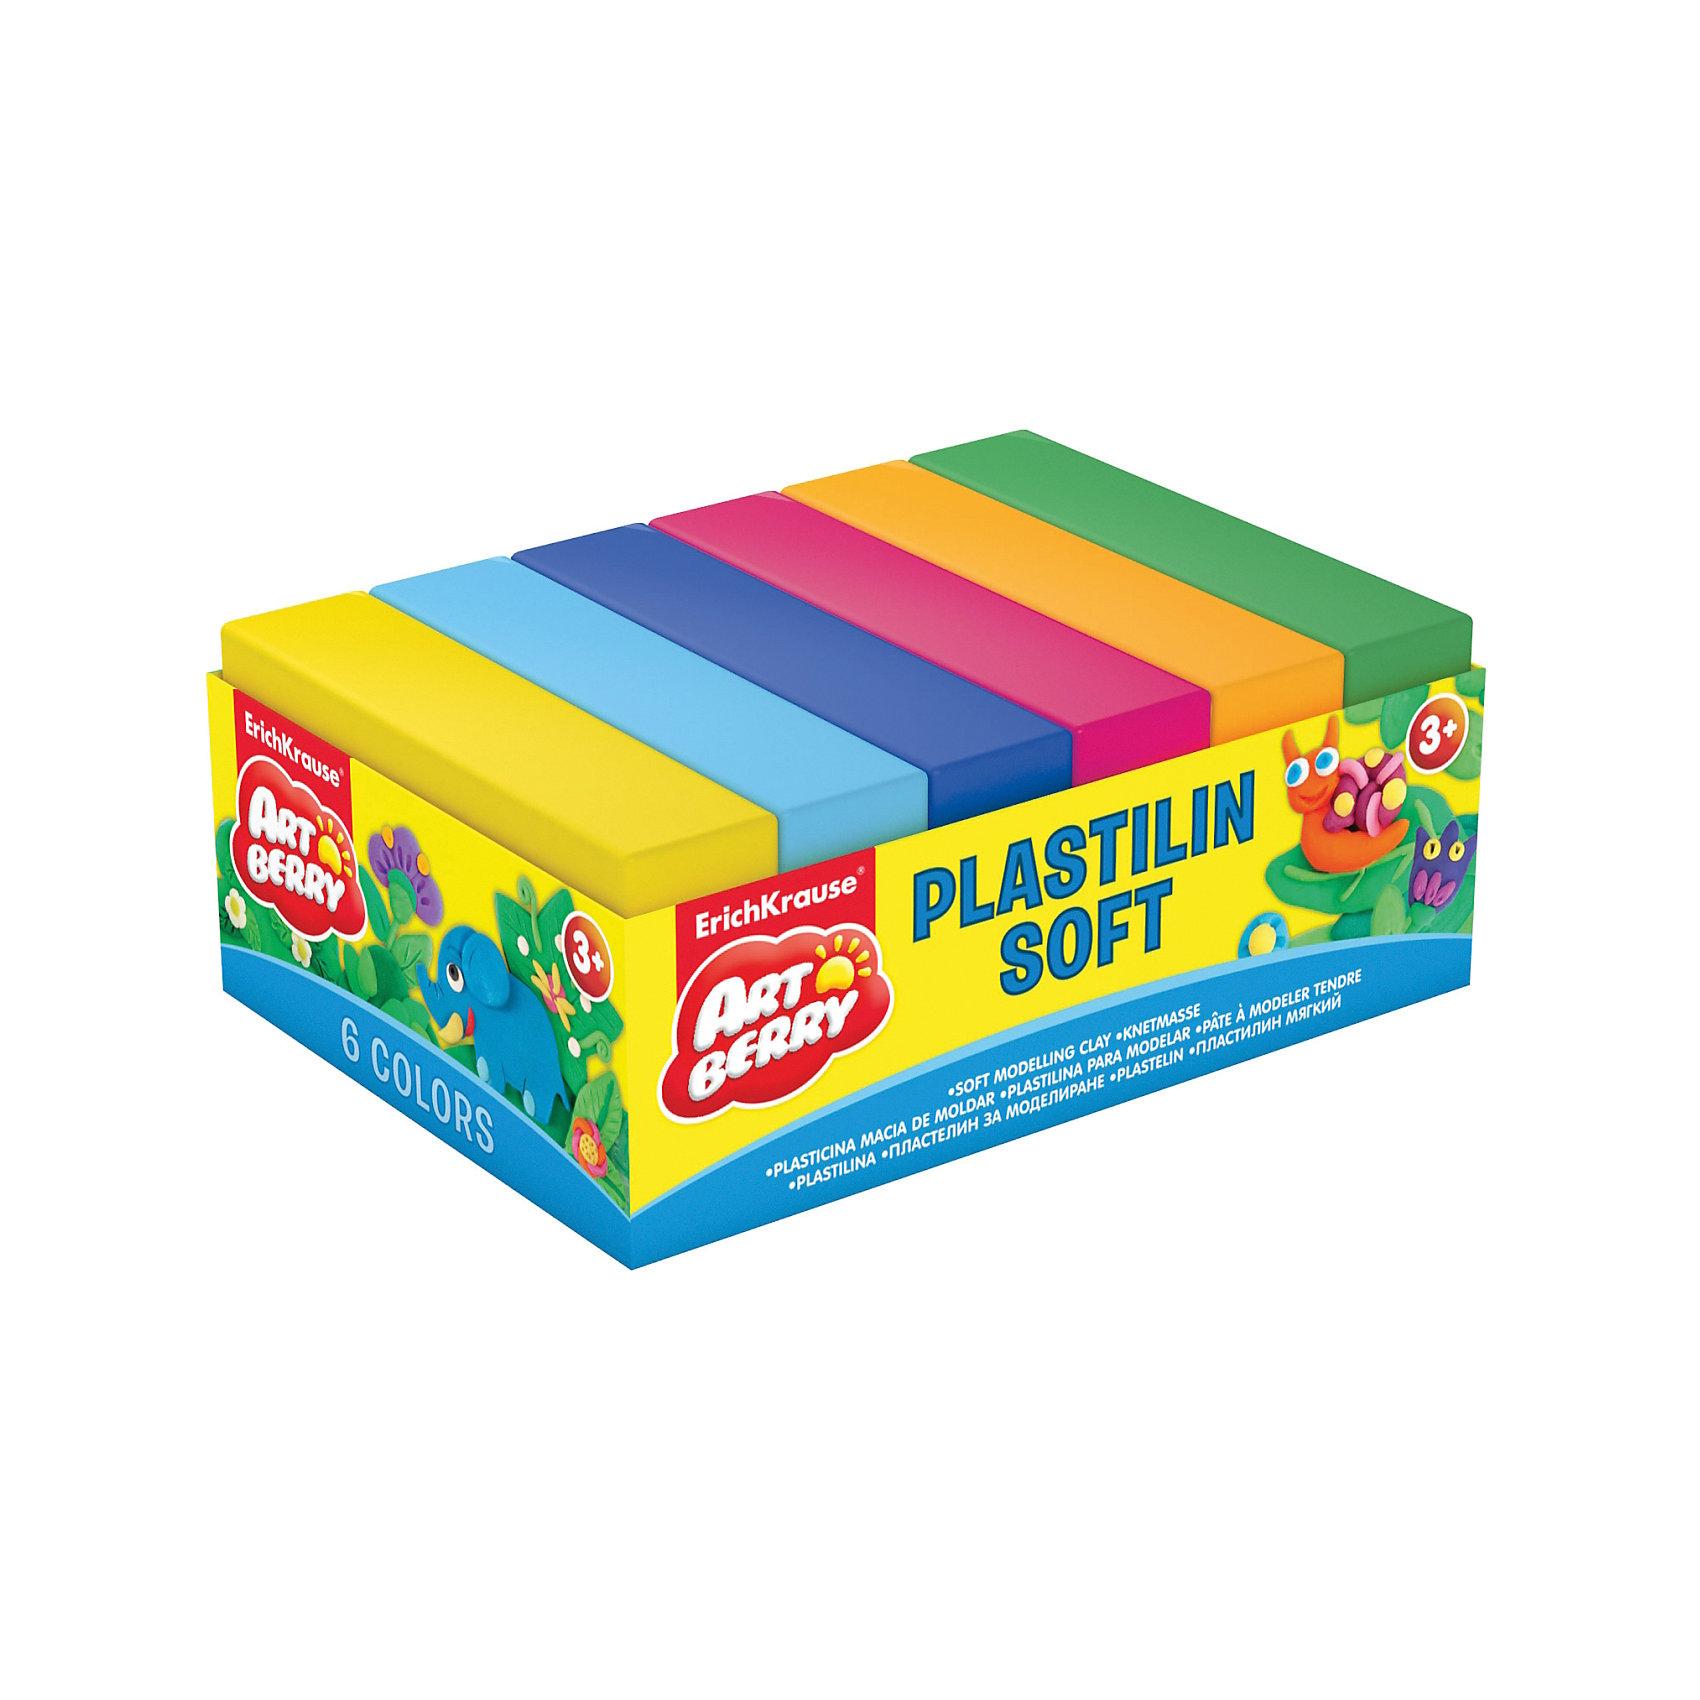 Erich Krause Пластилин мягкий Artberry 6 цветов 300г, картонный поддонРисование и лепка<br>Характеристики товара:<br><br>• в комплекте: 6 брусочков пластилина;<br>• размер брусочка: 7х3,7х1,5 см;<br>• вес брусочка: 50 грамм;<br>• размер упаковки: 1,5х6х12 см;<br>• вес: 320 грамм;<br>• возраст: от 3 лет.<br><br>Пластилин ArtBerry изготовлен из натуральных компонентов, поэтому использовать его могут и самые маленькие скульпторы. В набор входят  шесть брусочков пластилина ярких неоновых цветов. <br><br>Цвета подходят для смешивании и создания новых оттенков. Брусочки пластилина отличаются хорошей пластичностью, не липнут к рукам и столу, быстро обретают желаемую форму.<br><br>Erich Krause (Эрих Краузе) Пластилин мягкий ArtBerry 6 цветов 300г, картонный поддон можно купить в нашем интернет-магазине.<br><br>Ширина мм: 120<br>Глубина мм: 60<br>Высота мм: 15<br>Вес г: 320<br>Возраст от месяцев: 36<br>Возраст до месяцев: 72<br>Пол: Унисекс<br>Возраст: Детский<br>SKU: 6878843